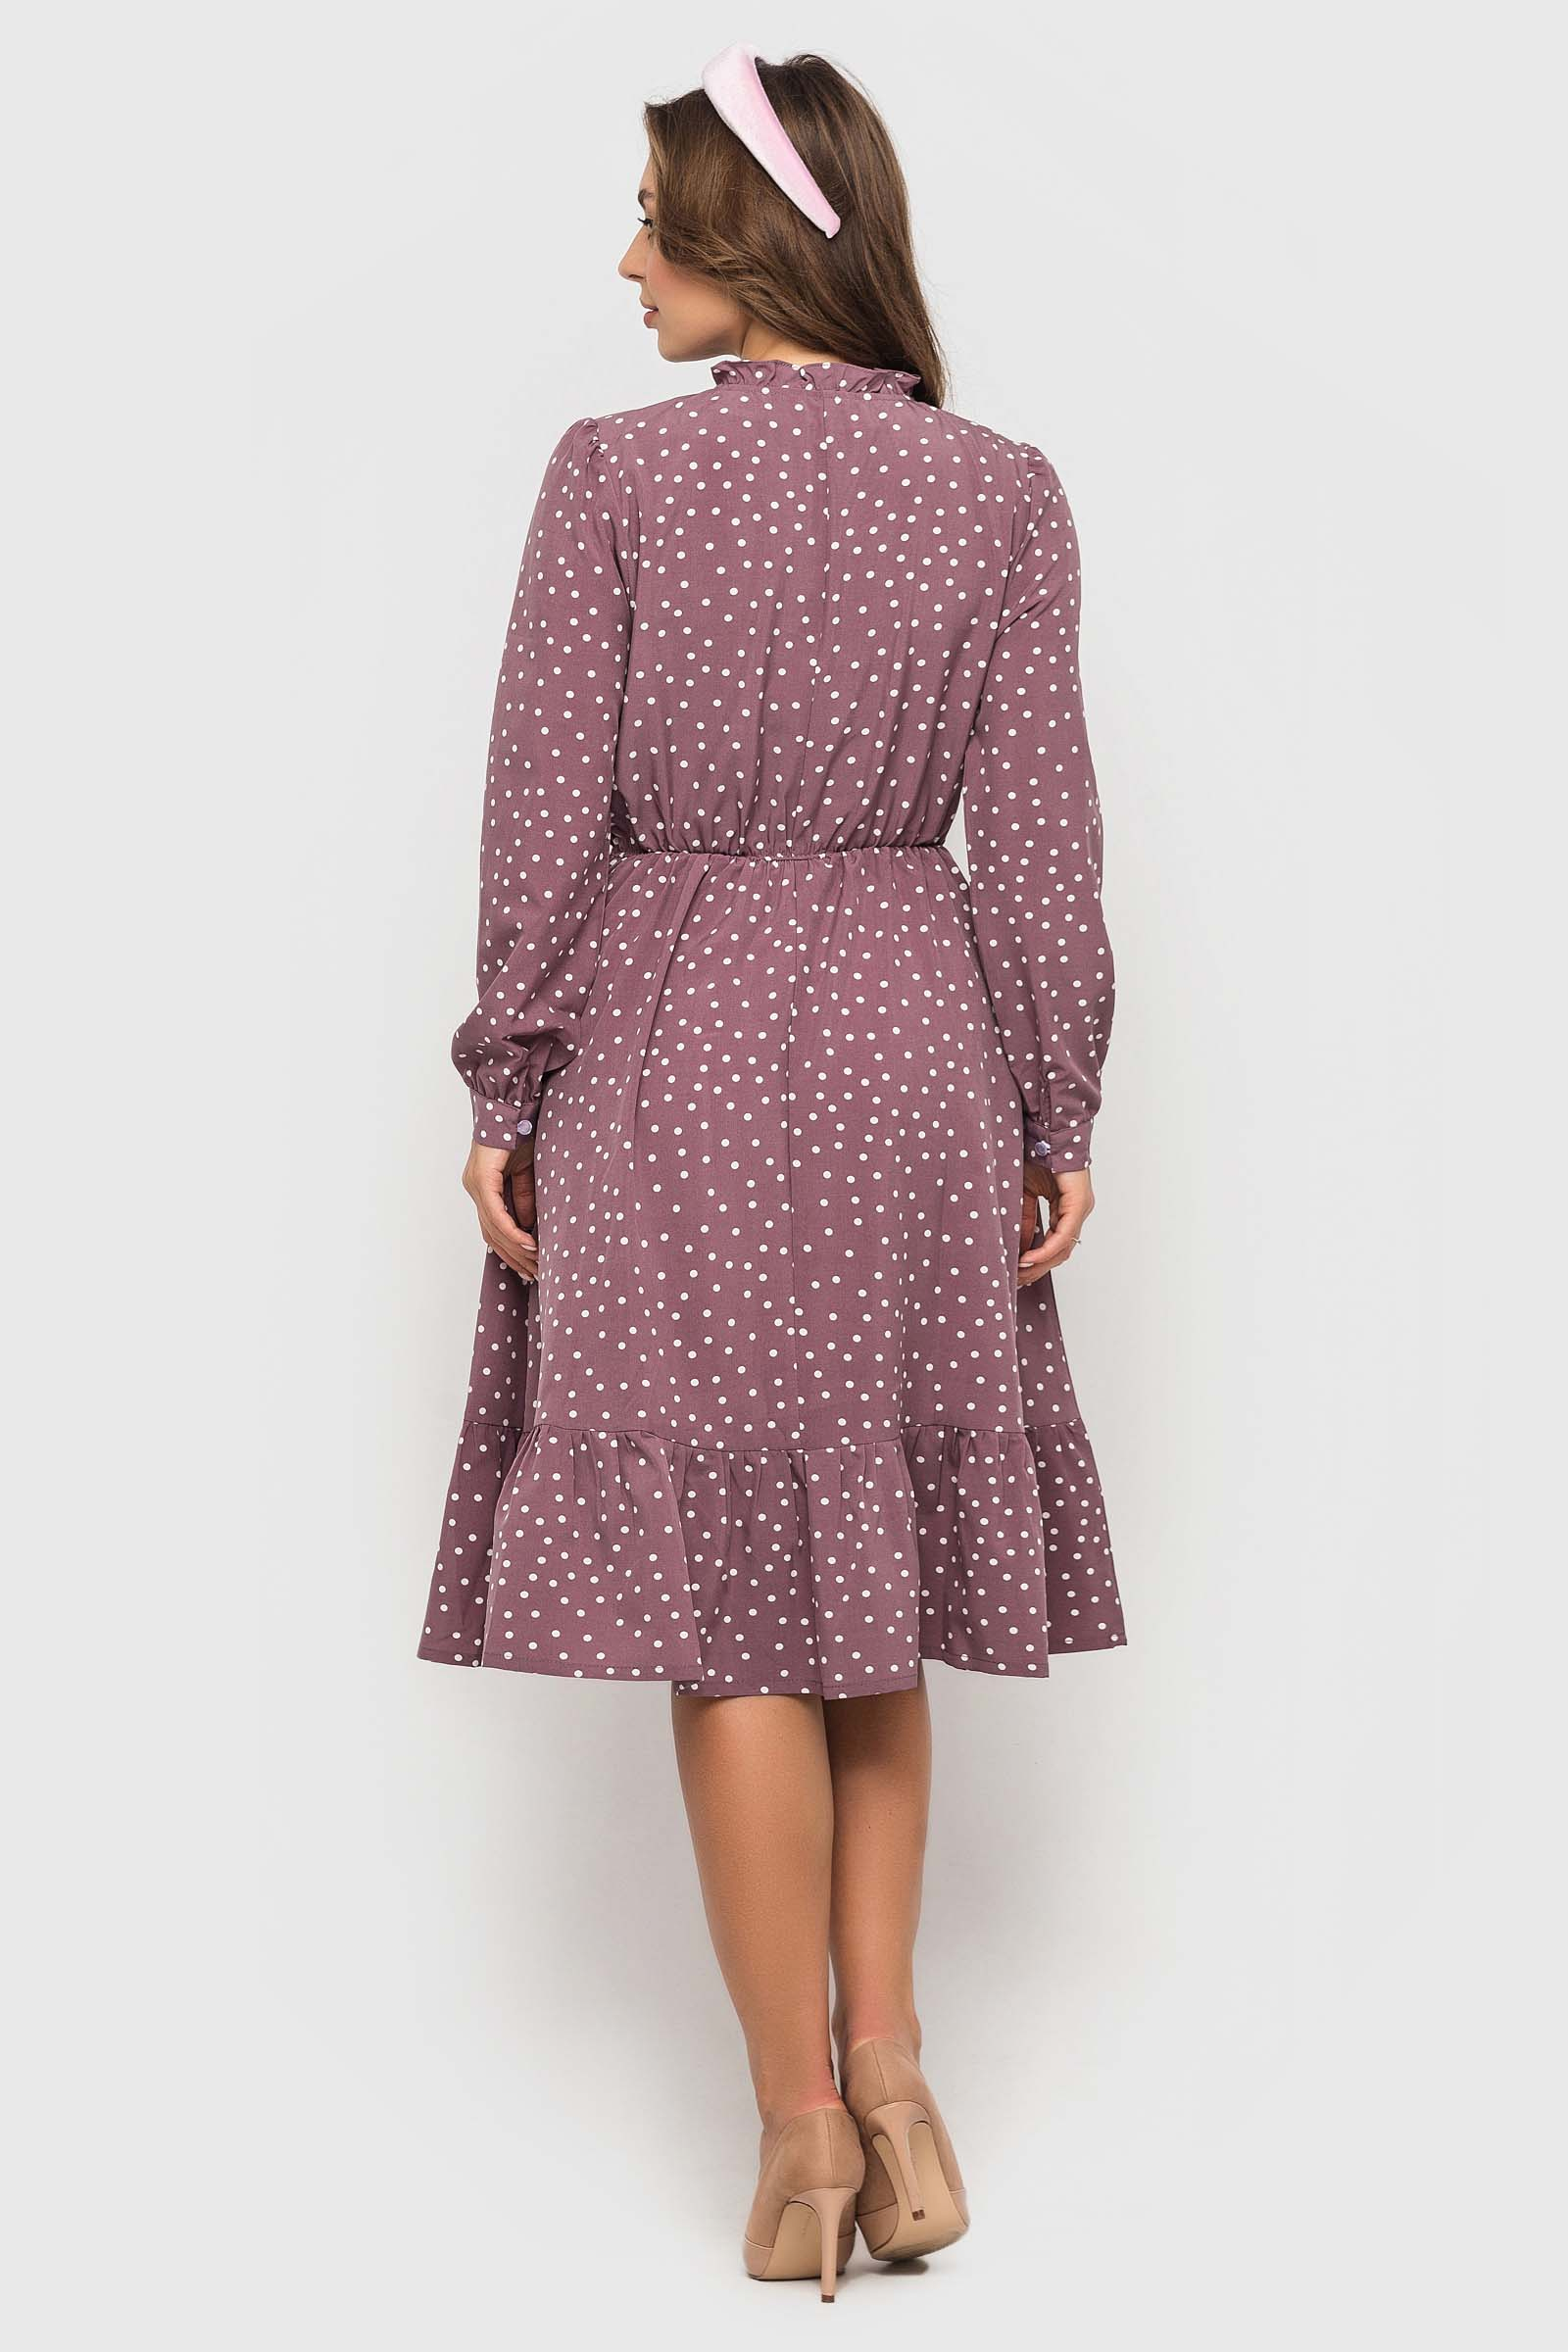 be art 2020 02 24156961 Купить платье